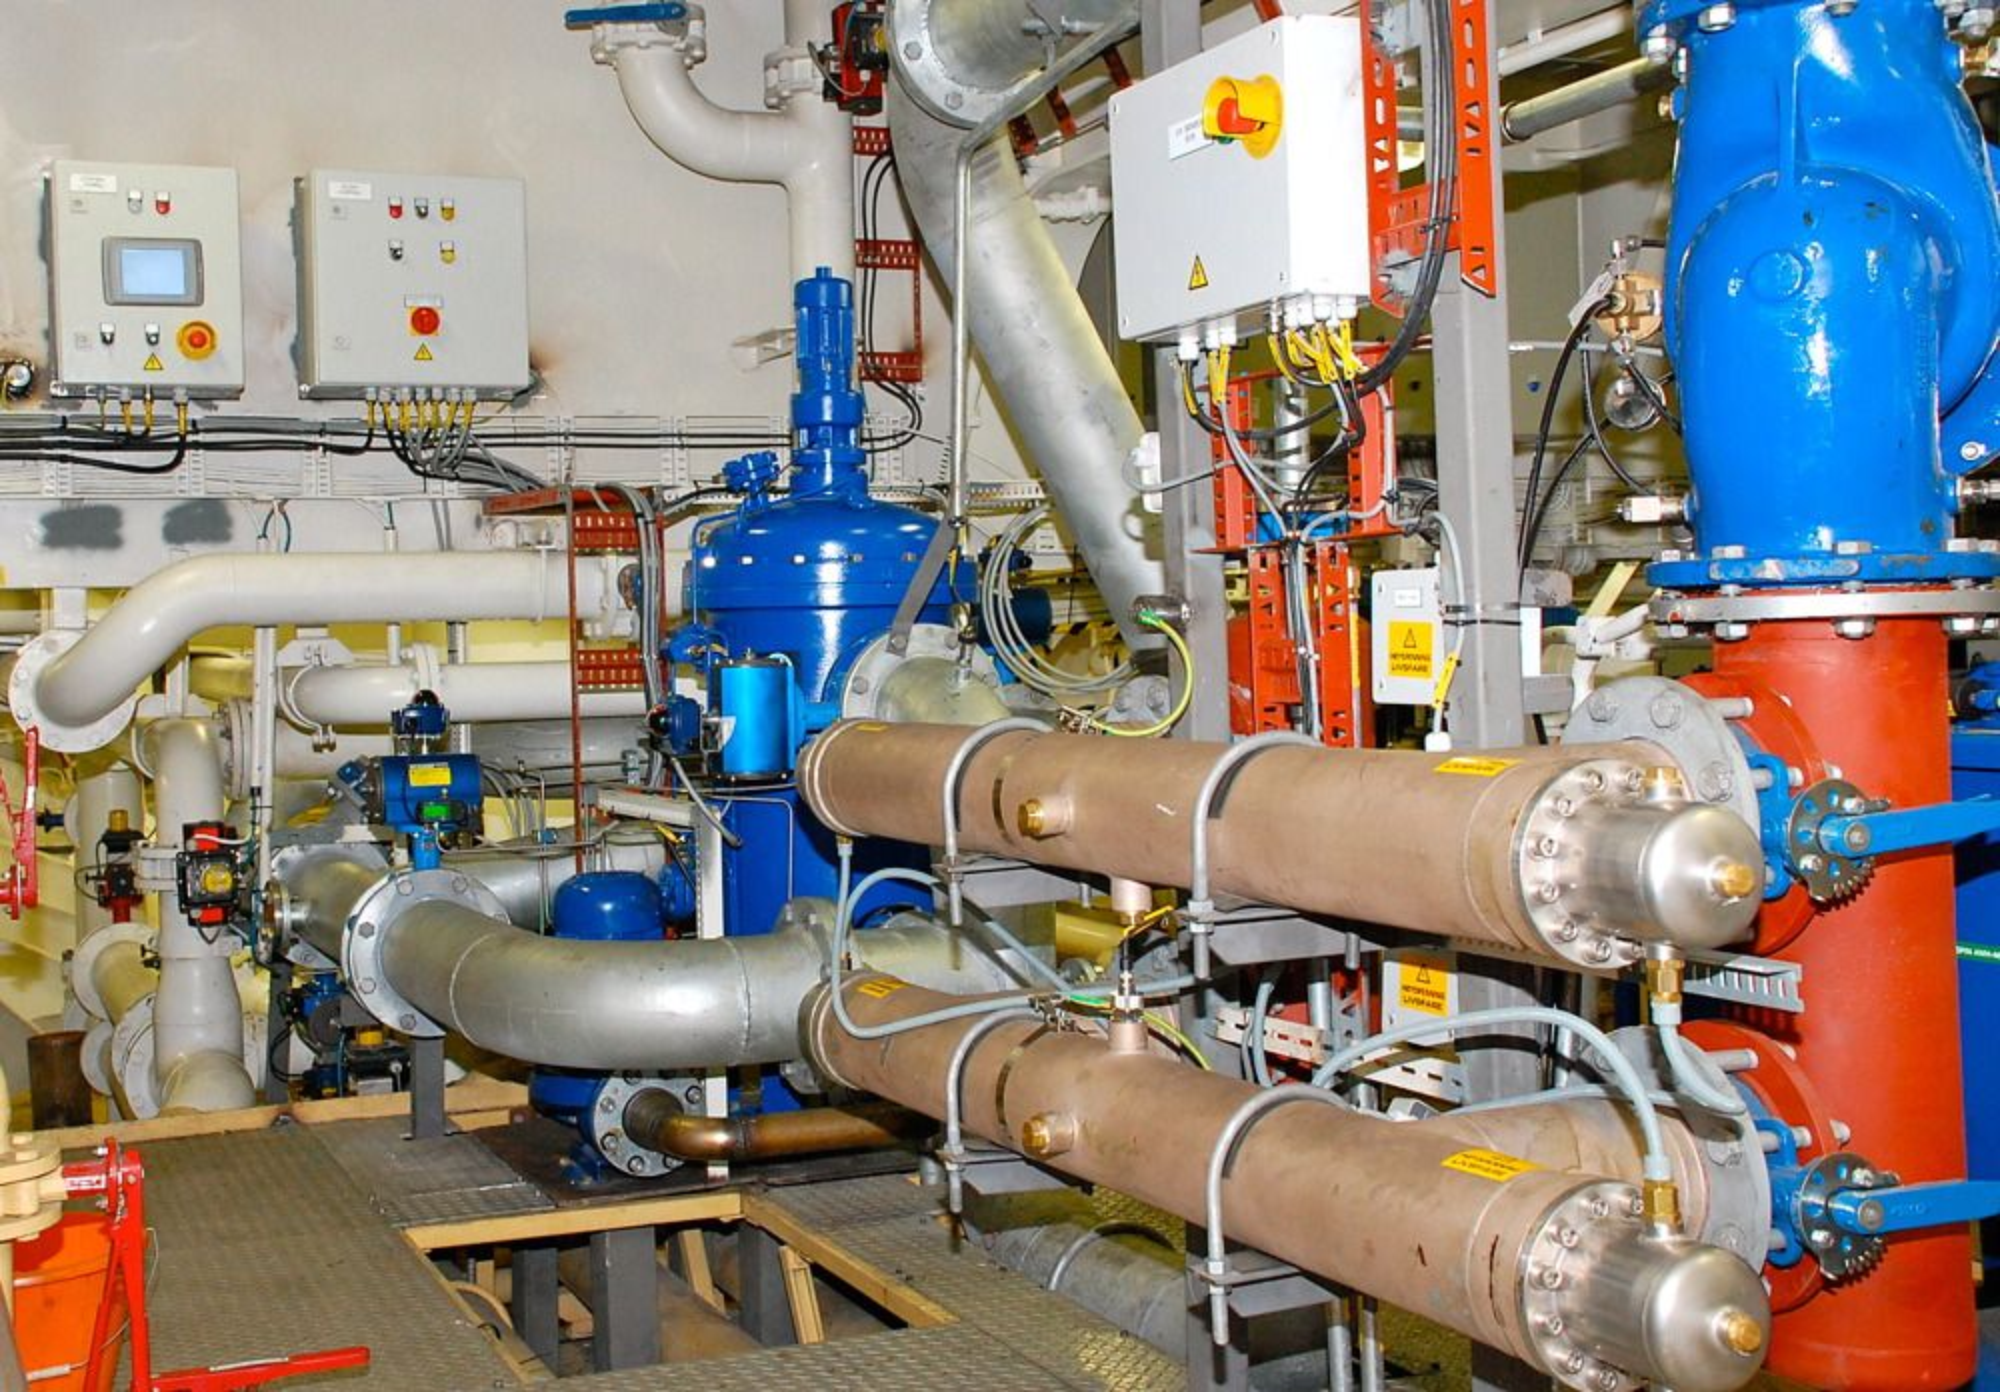 BWTS fra Optimarin er det eneste systemet for ballastvannrensing US Coast Guard har godkjent for amerikanske farvann. Her er det om bord i et skip.